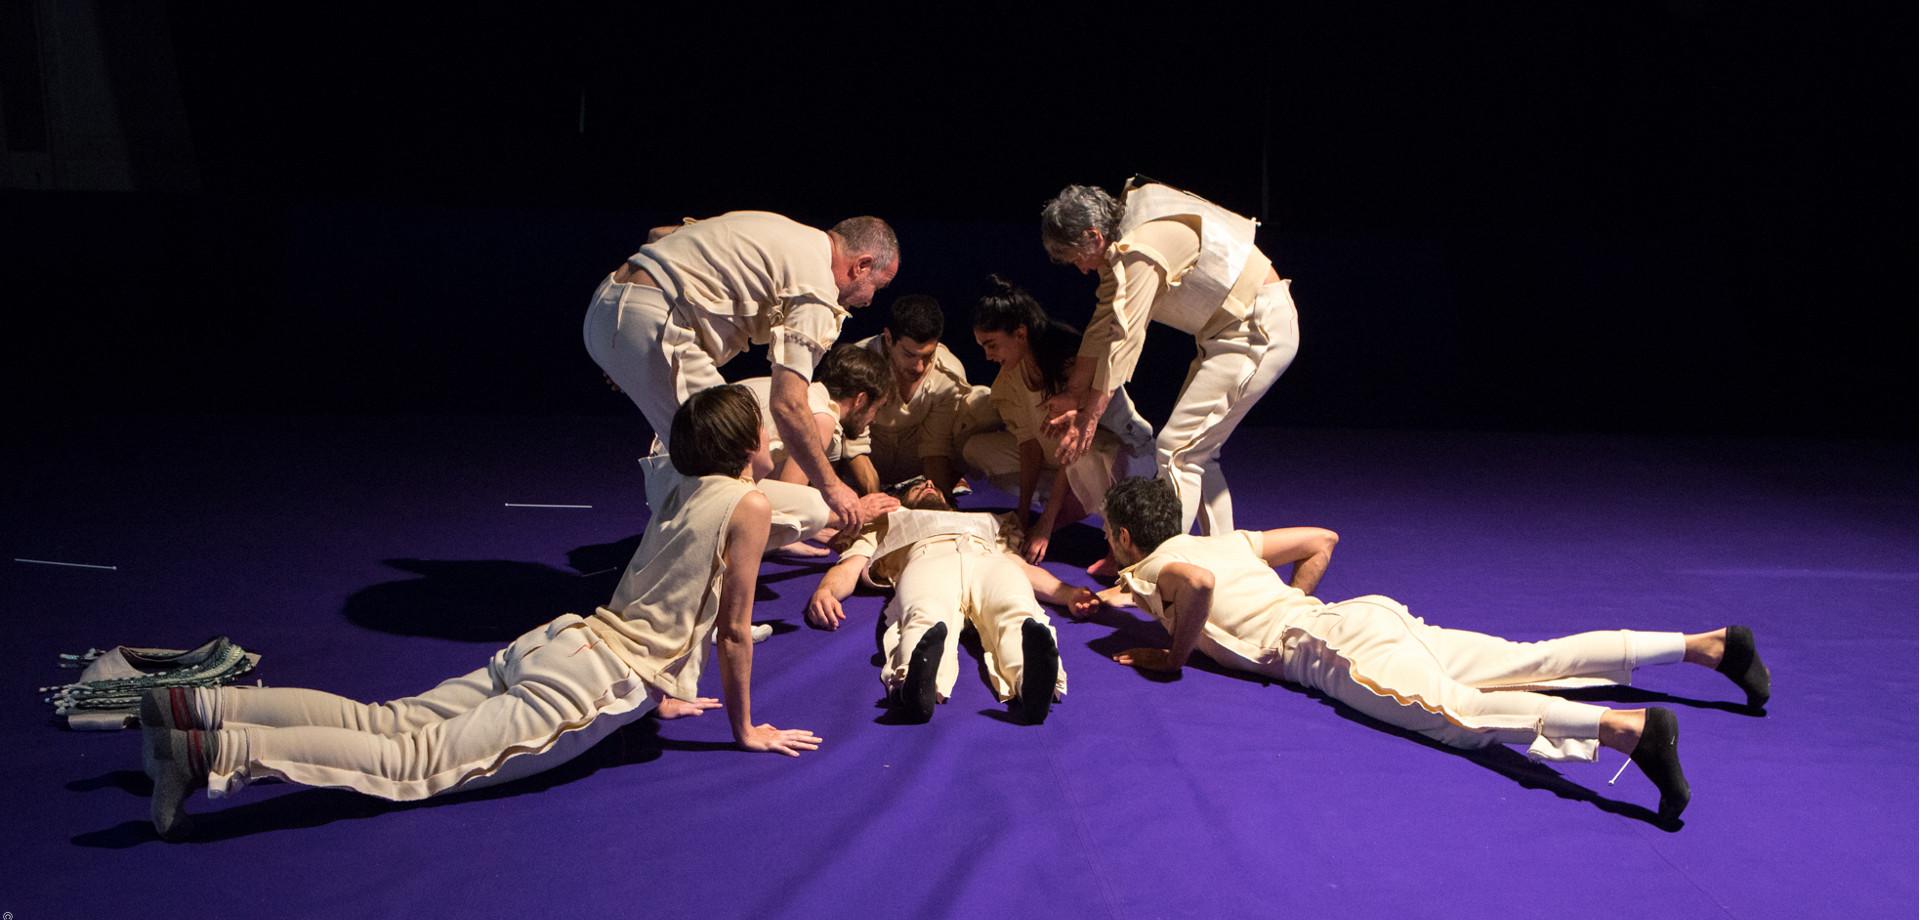 Οι Βάκχες σε σκηνοθεσία Έκτορα Λυγίζου στο Ηρώδειο